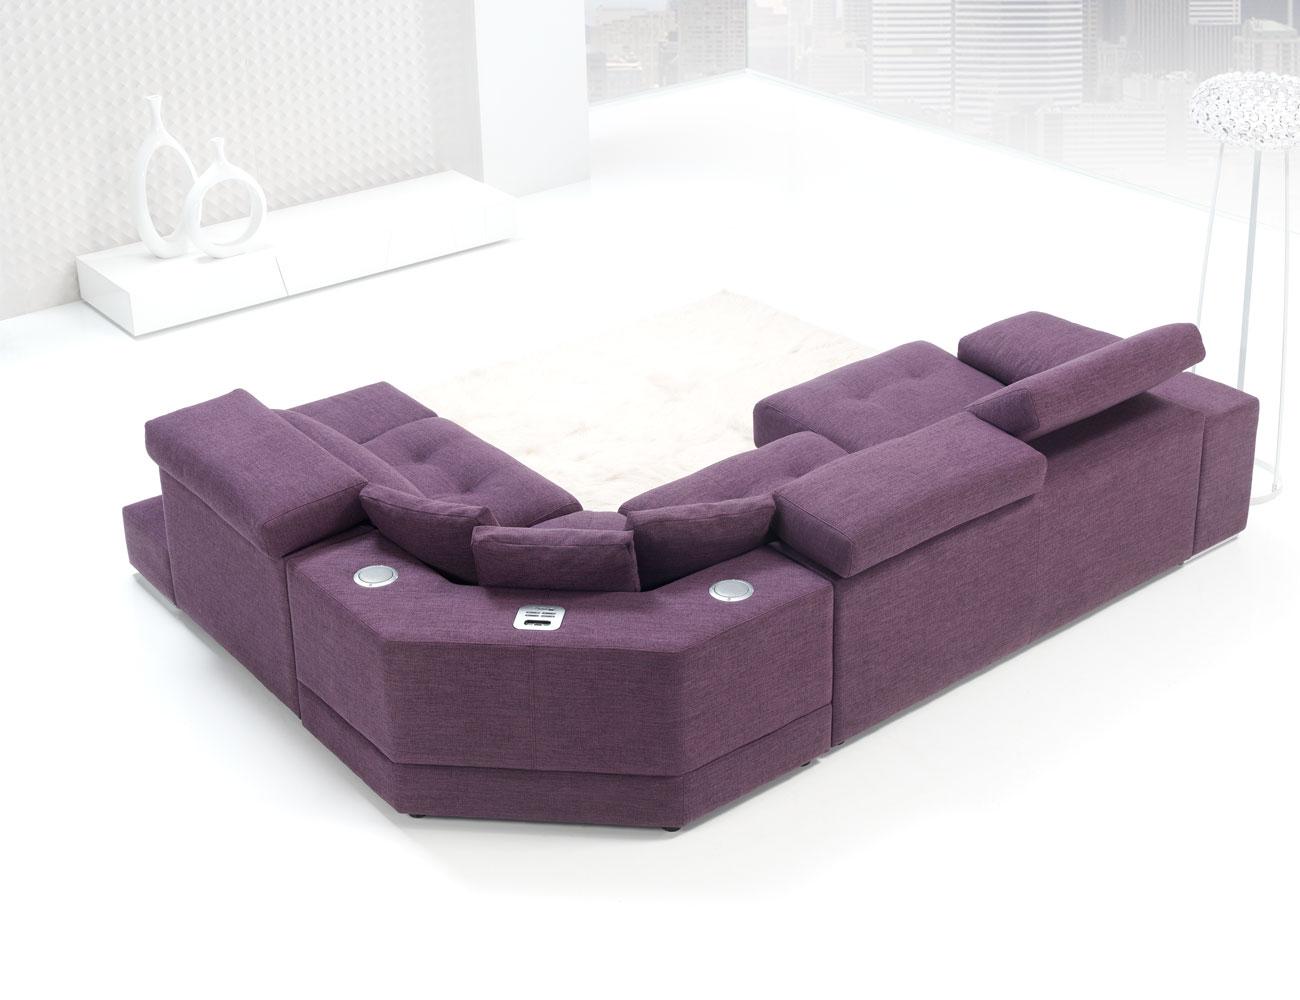 Sofa chaiselongue rincon con brazo mecanico tejido anti manchas 314